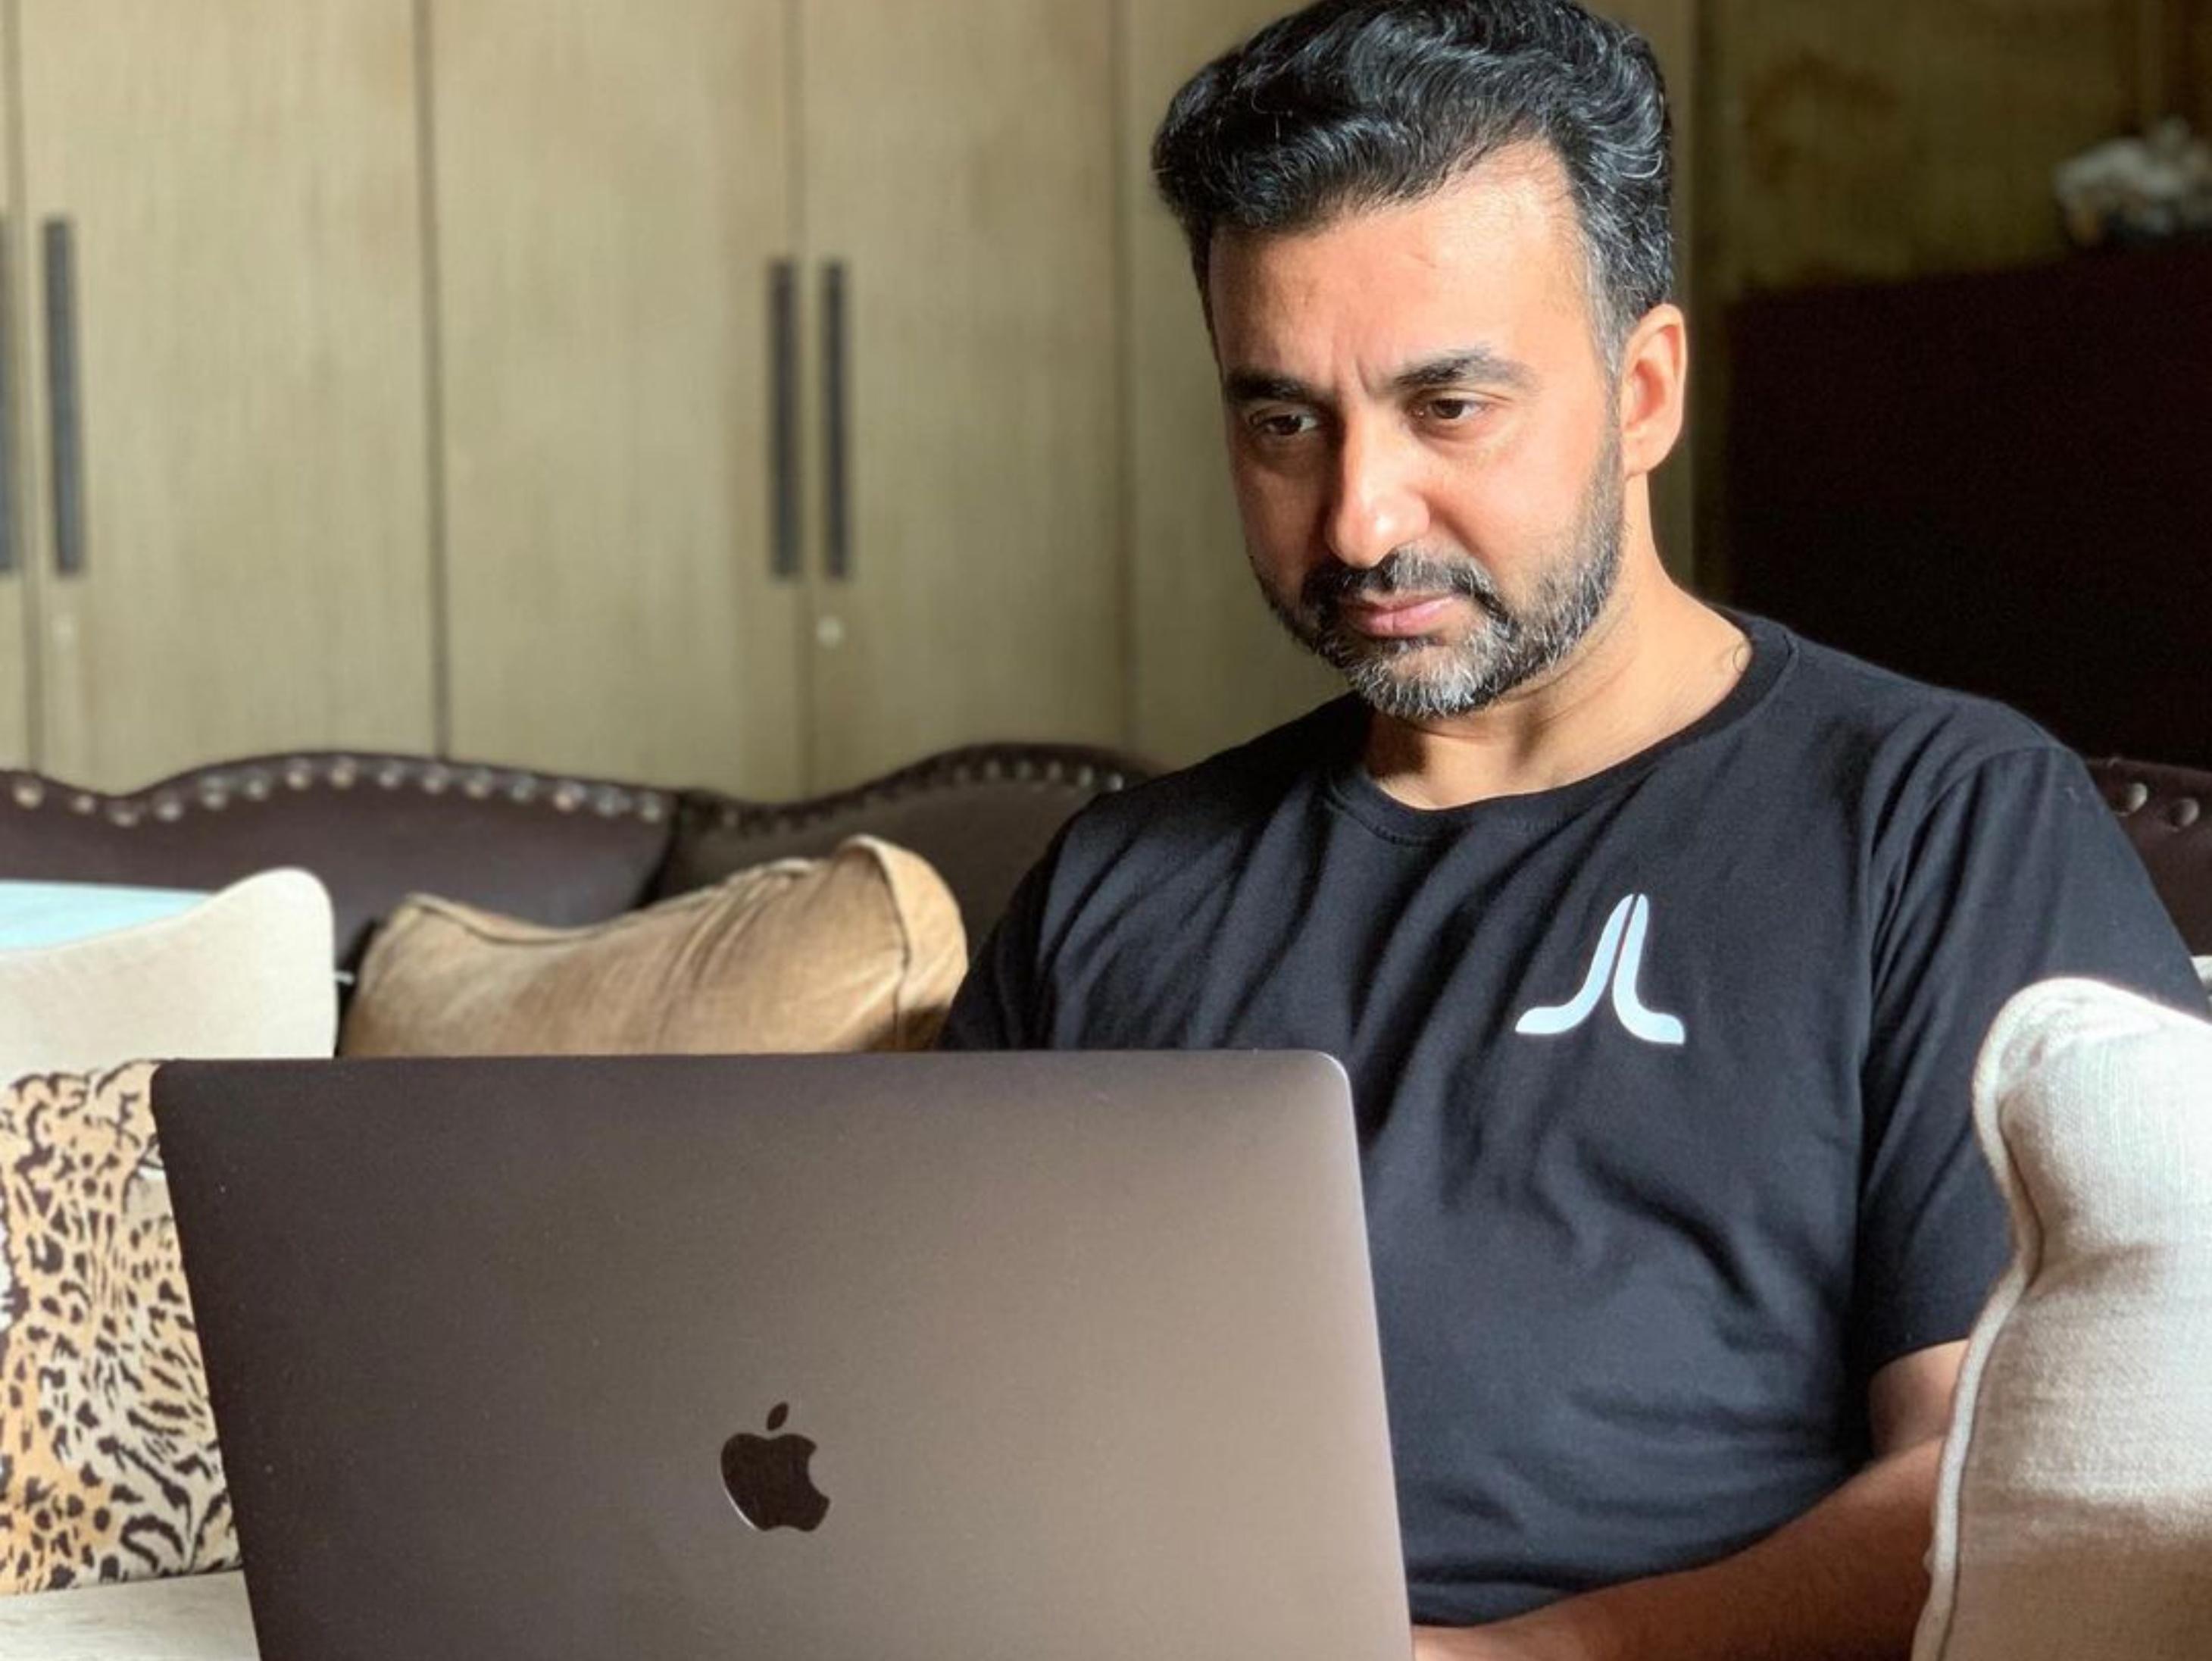 Raj Kundra Pornography case: Crime Branch found hidden cupboard in Kundra's Viaan and JL Stream office in Andheri   कुंद्रा के ऑफिस में मिली मिस्ट्री वॉल, दीवार में छिपा रखे थे पोर्न फिल्मों से हो रही कमाई के 'राज'